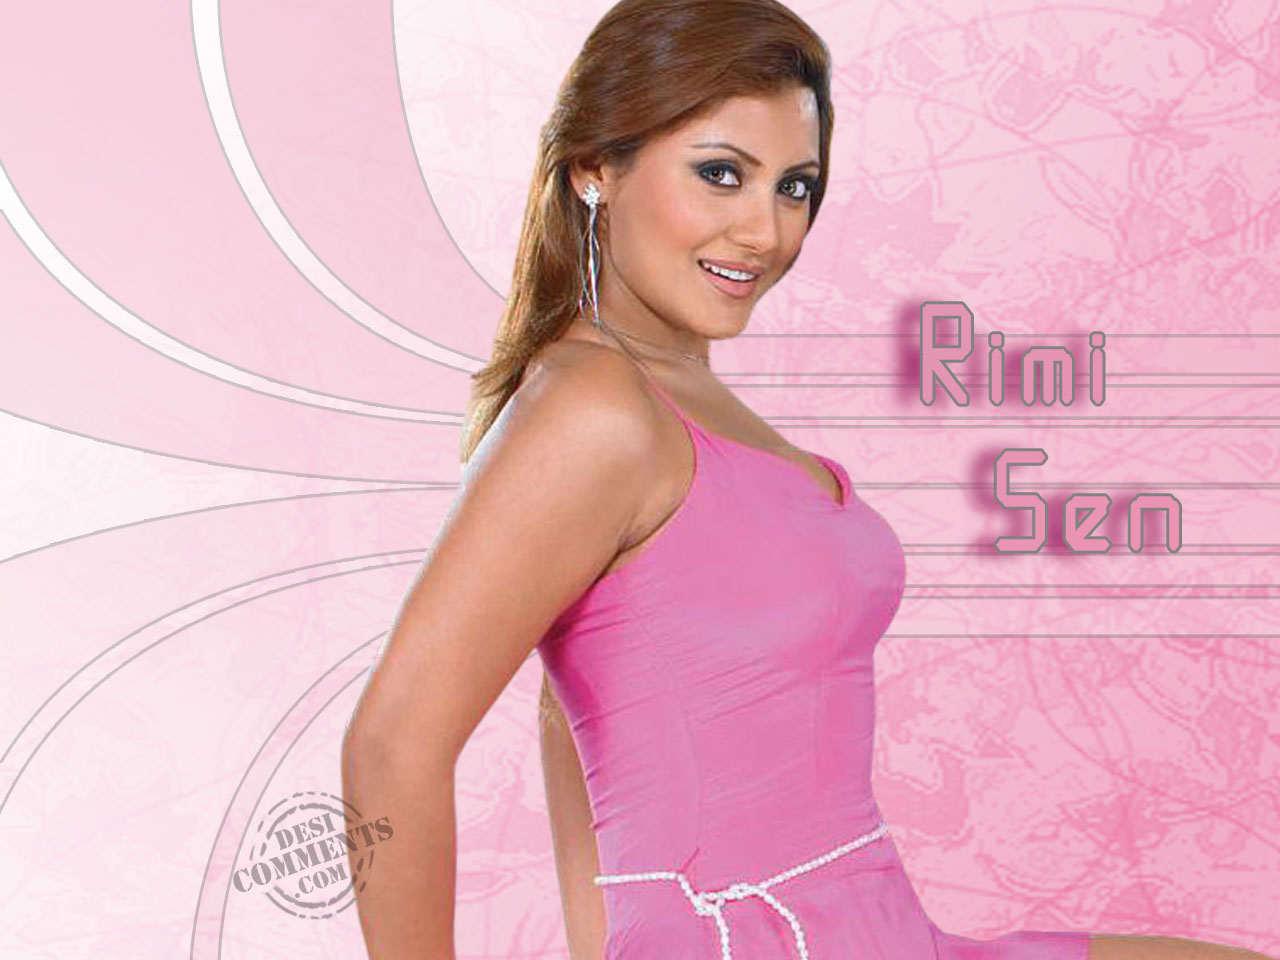 http://3.bp.blogspot.com/-B42b8gp17-0/TgqJ0GiedTI/AAAAAAAABBo/XN5L5yJvq6k/s1600/Rimi-Sen-Wallpapers-01.jpg